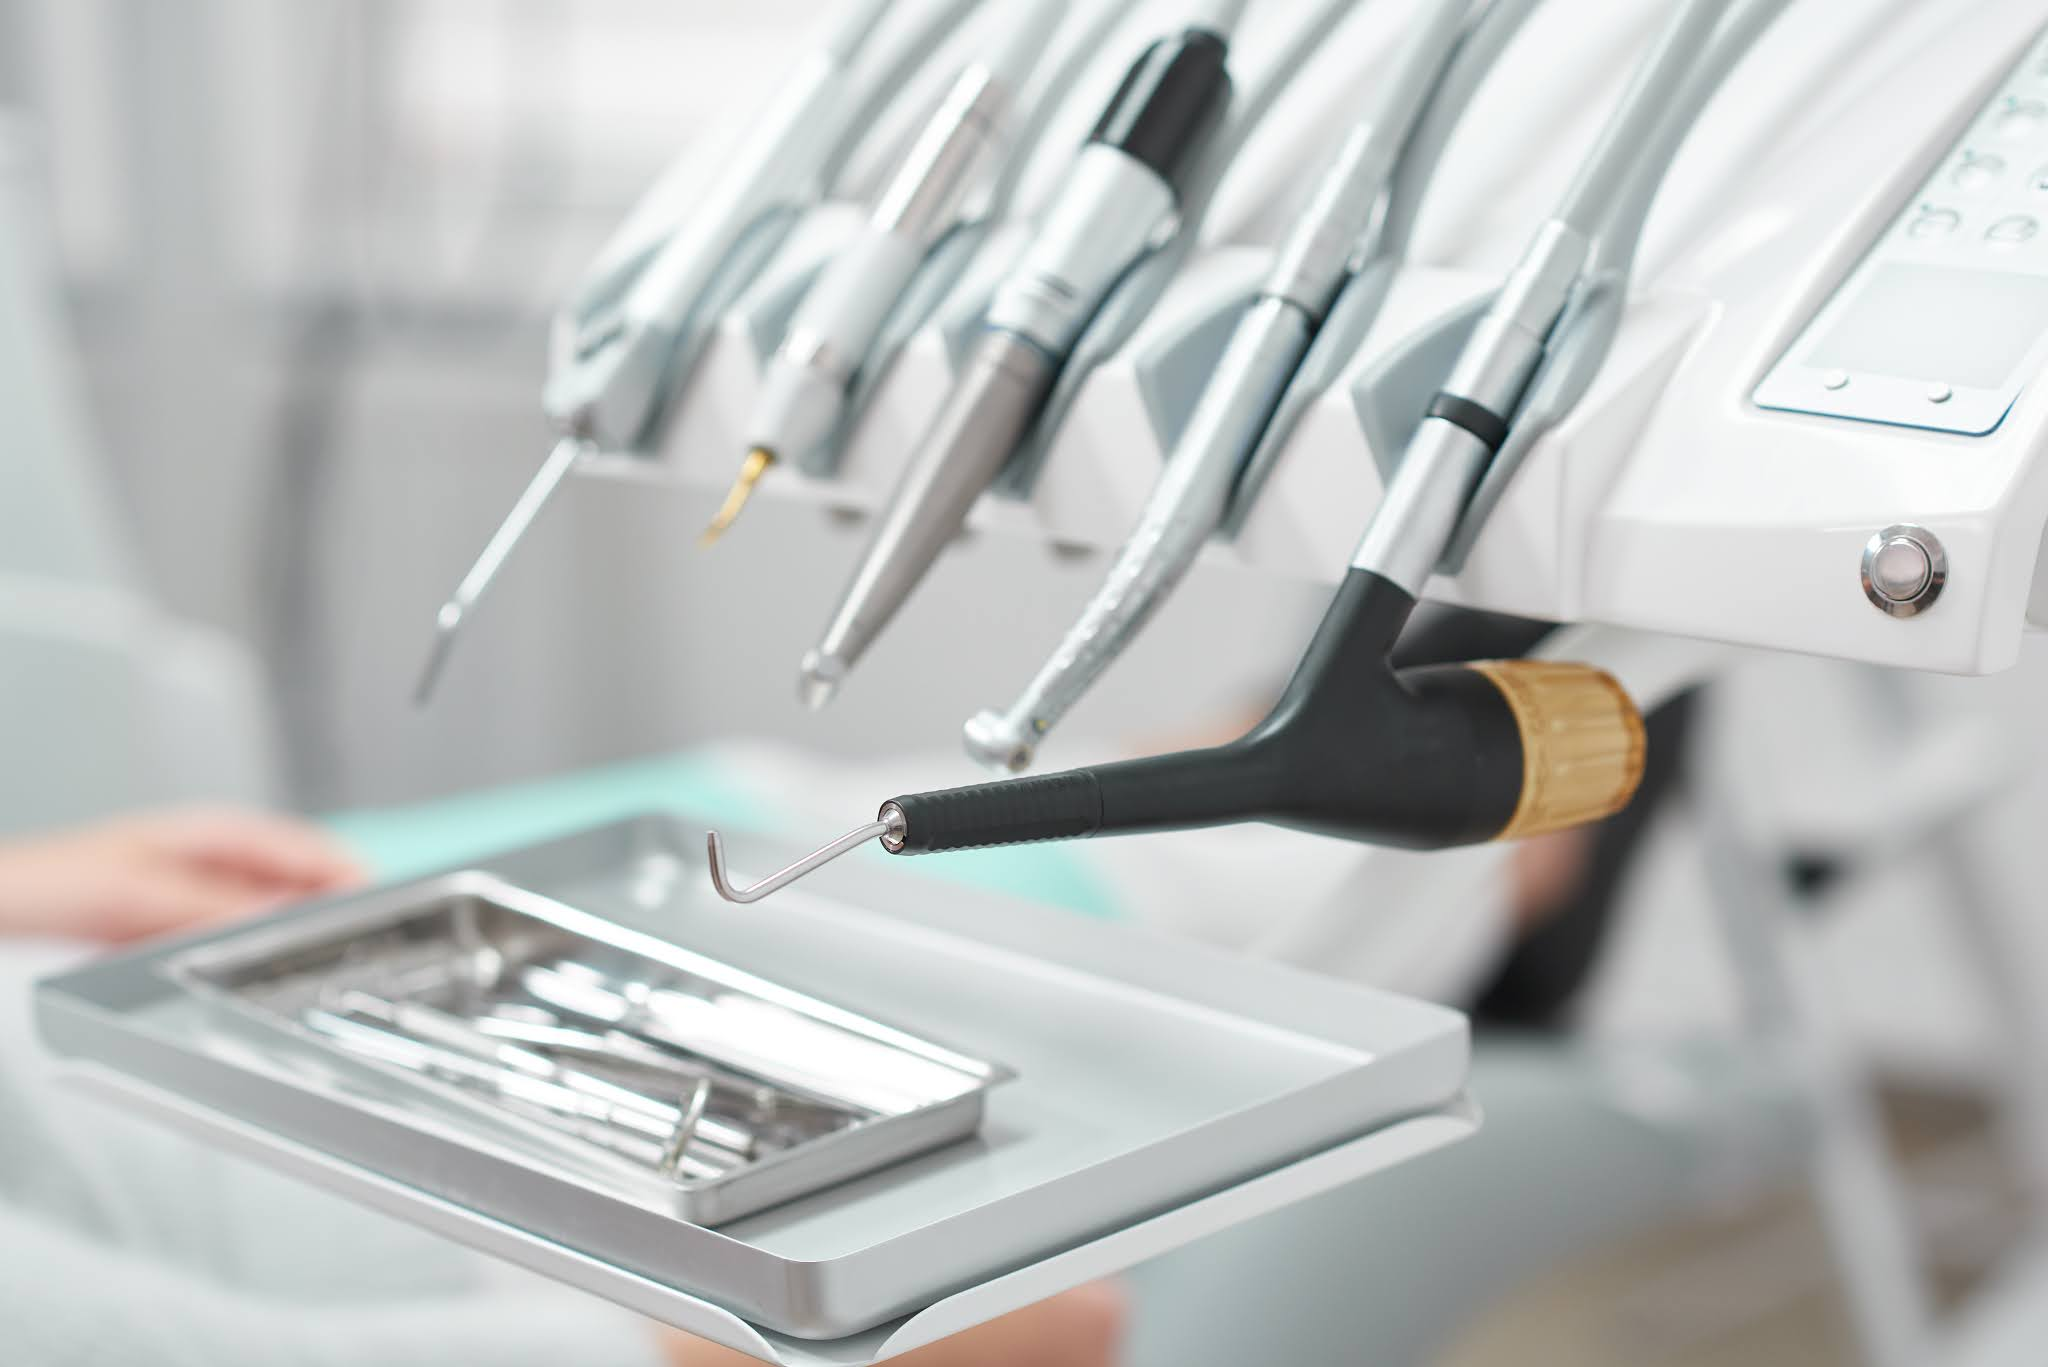 الجناح الإيطالي يعرض أحدث المعدات الطبية في معرض ومؤتمر الصحة العربي 2021